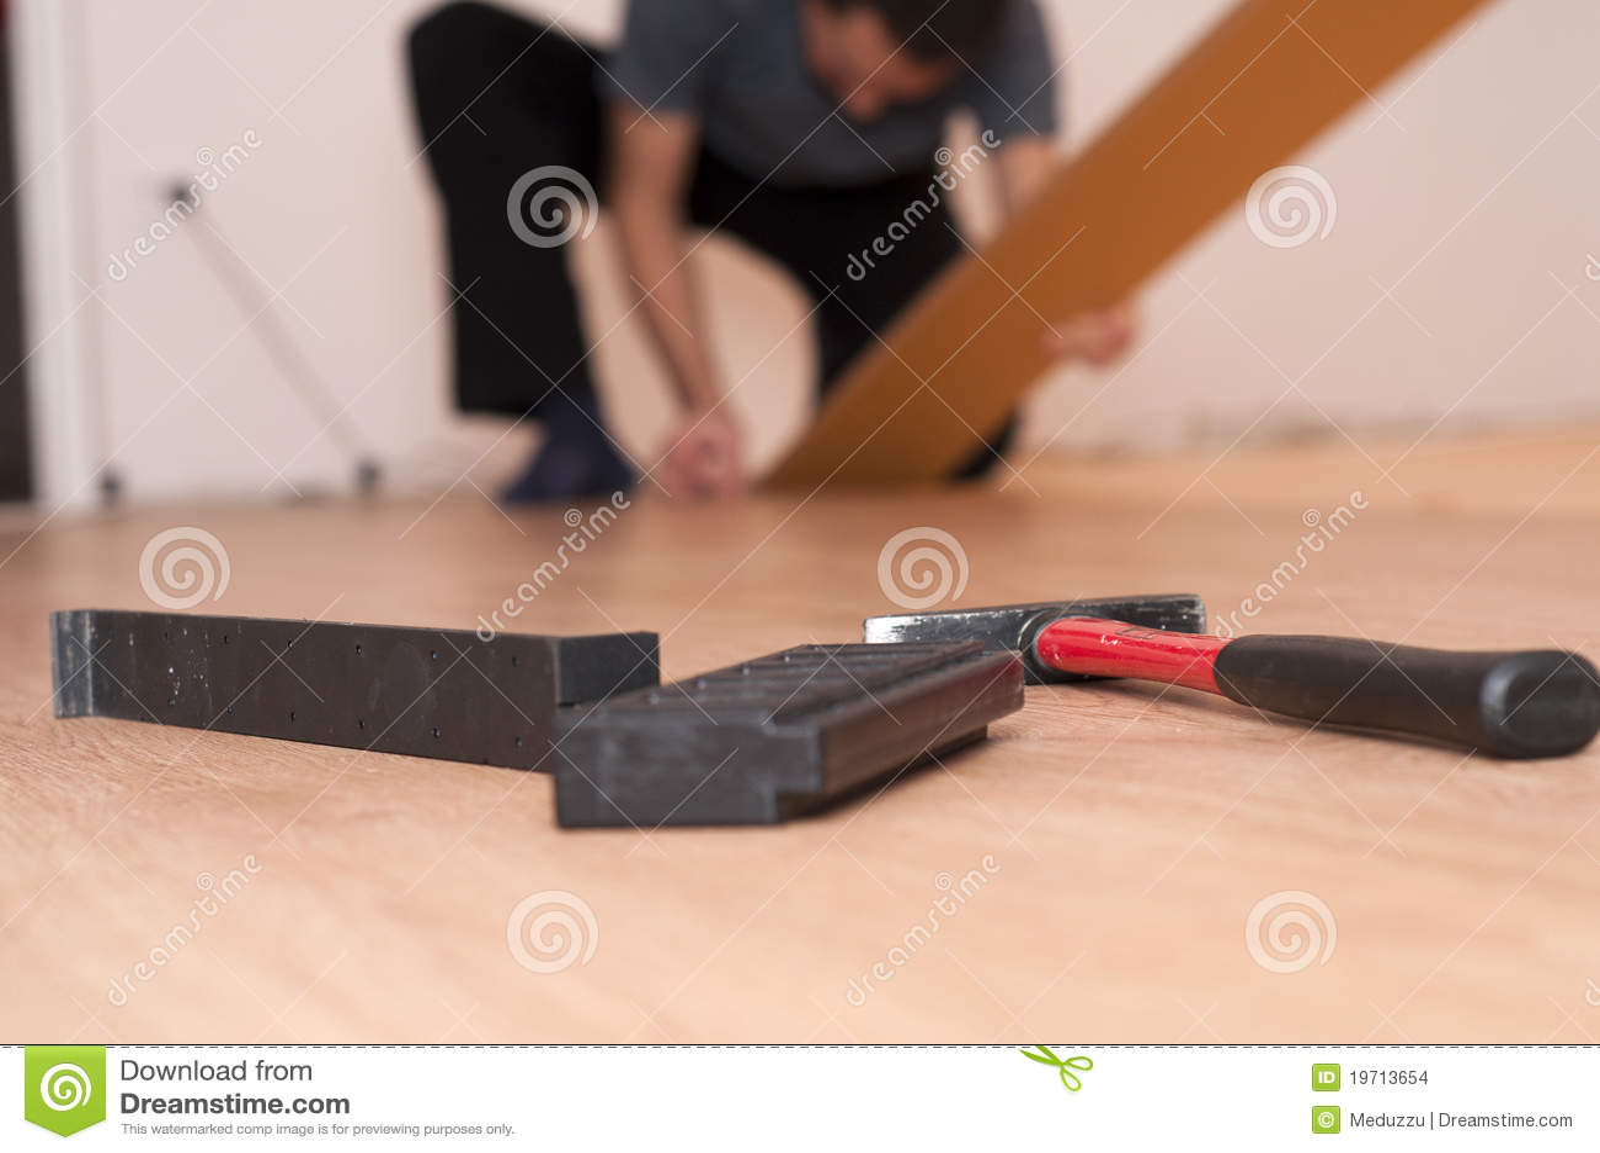 Herramientas para montar el suelo laminado